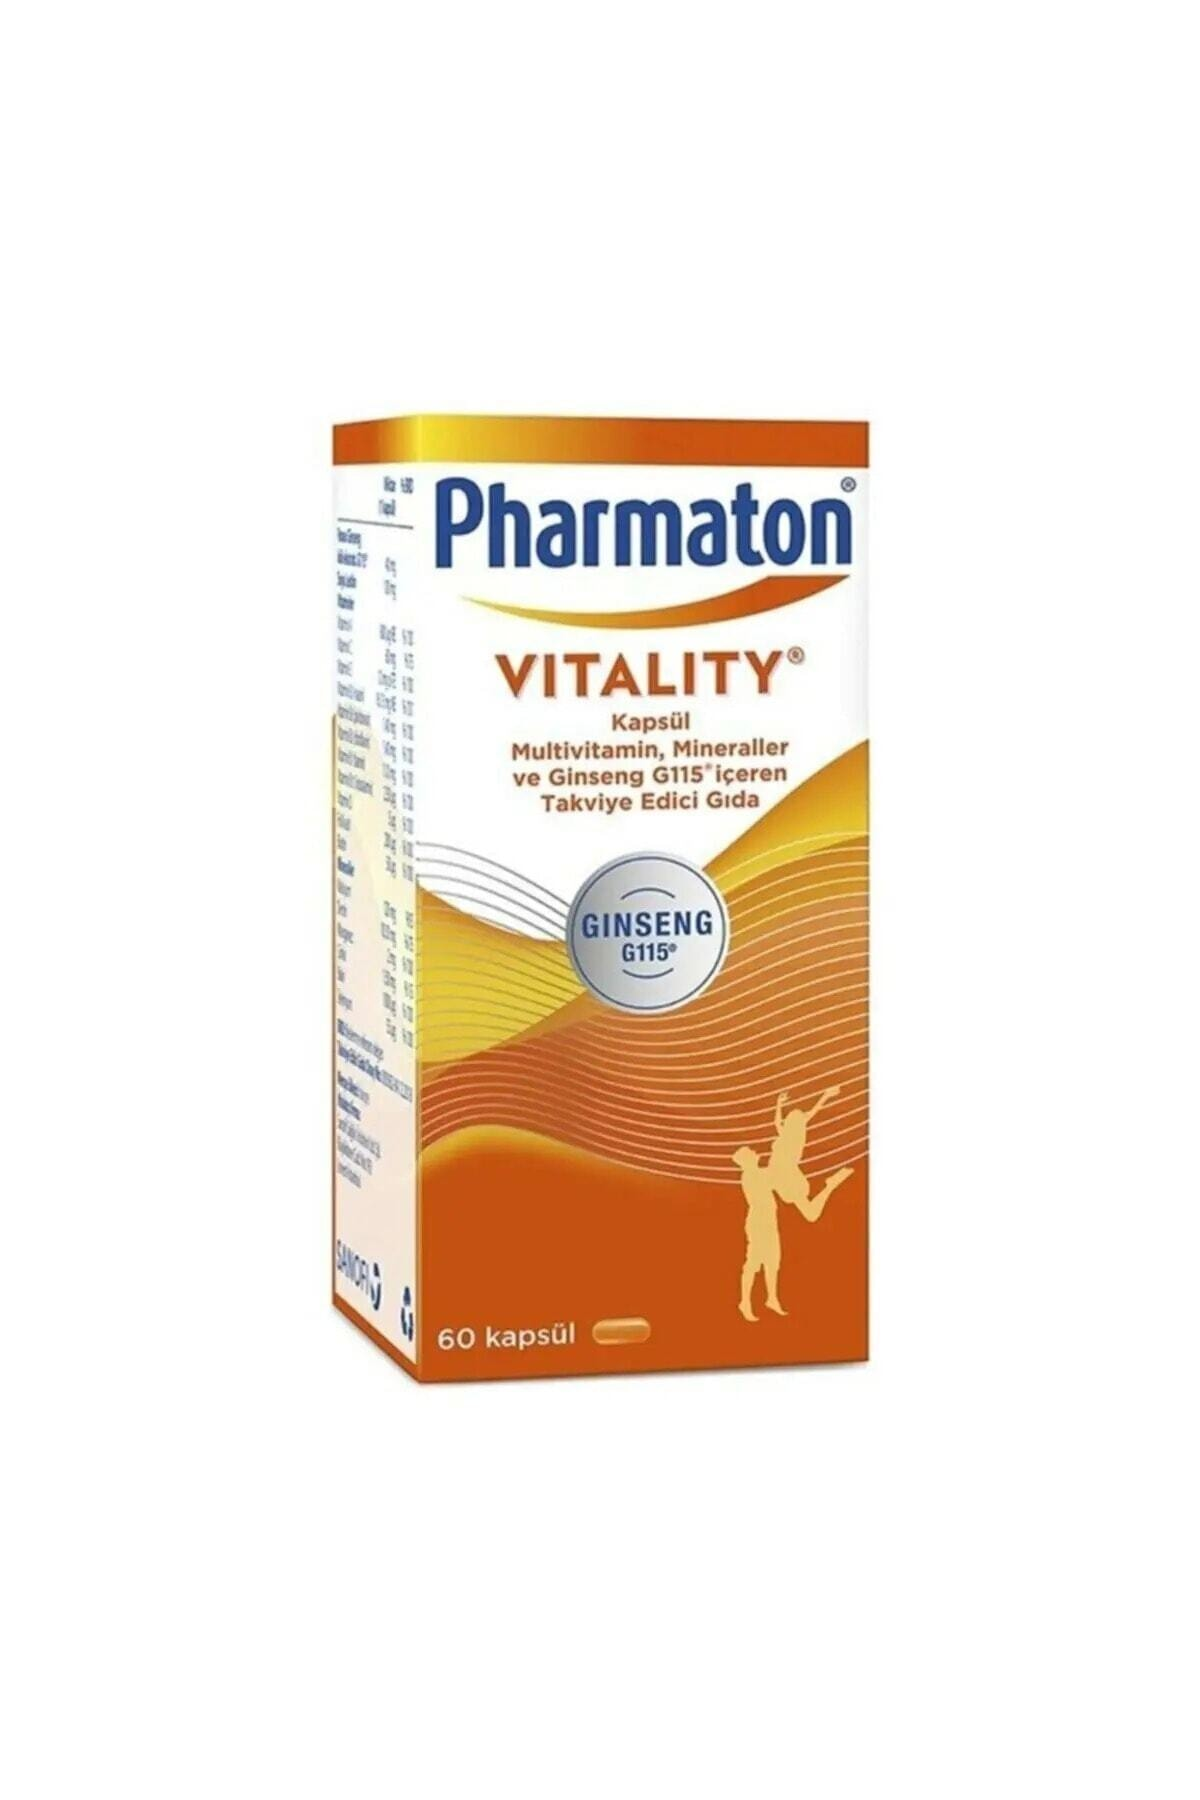 Pharmaton Vitality 60 Kapsül 1